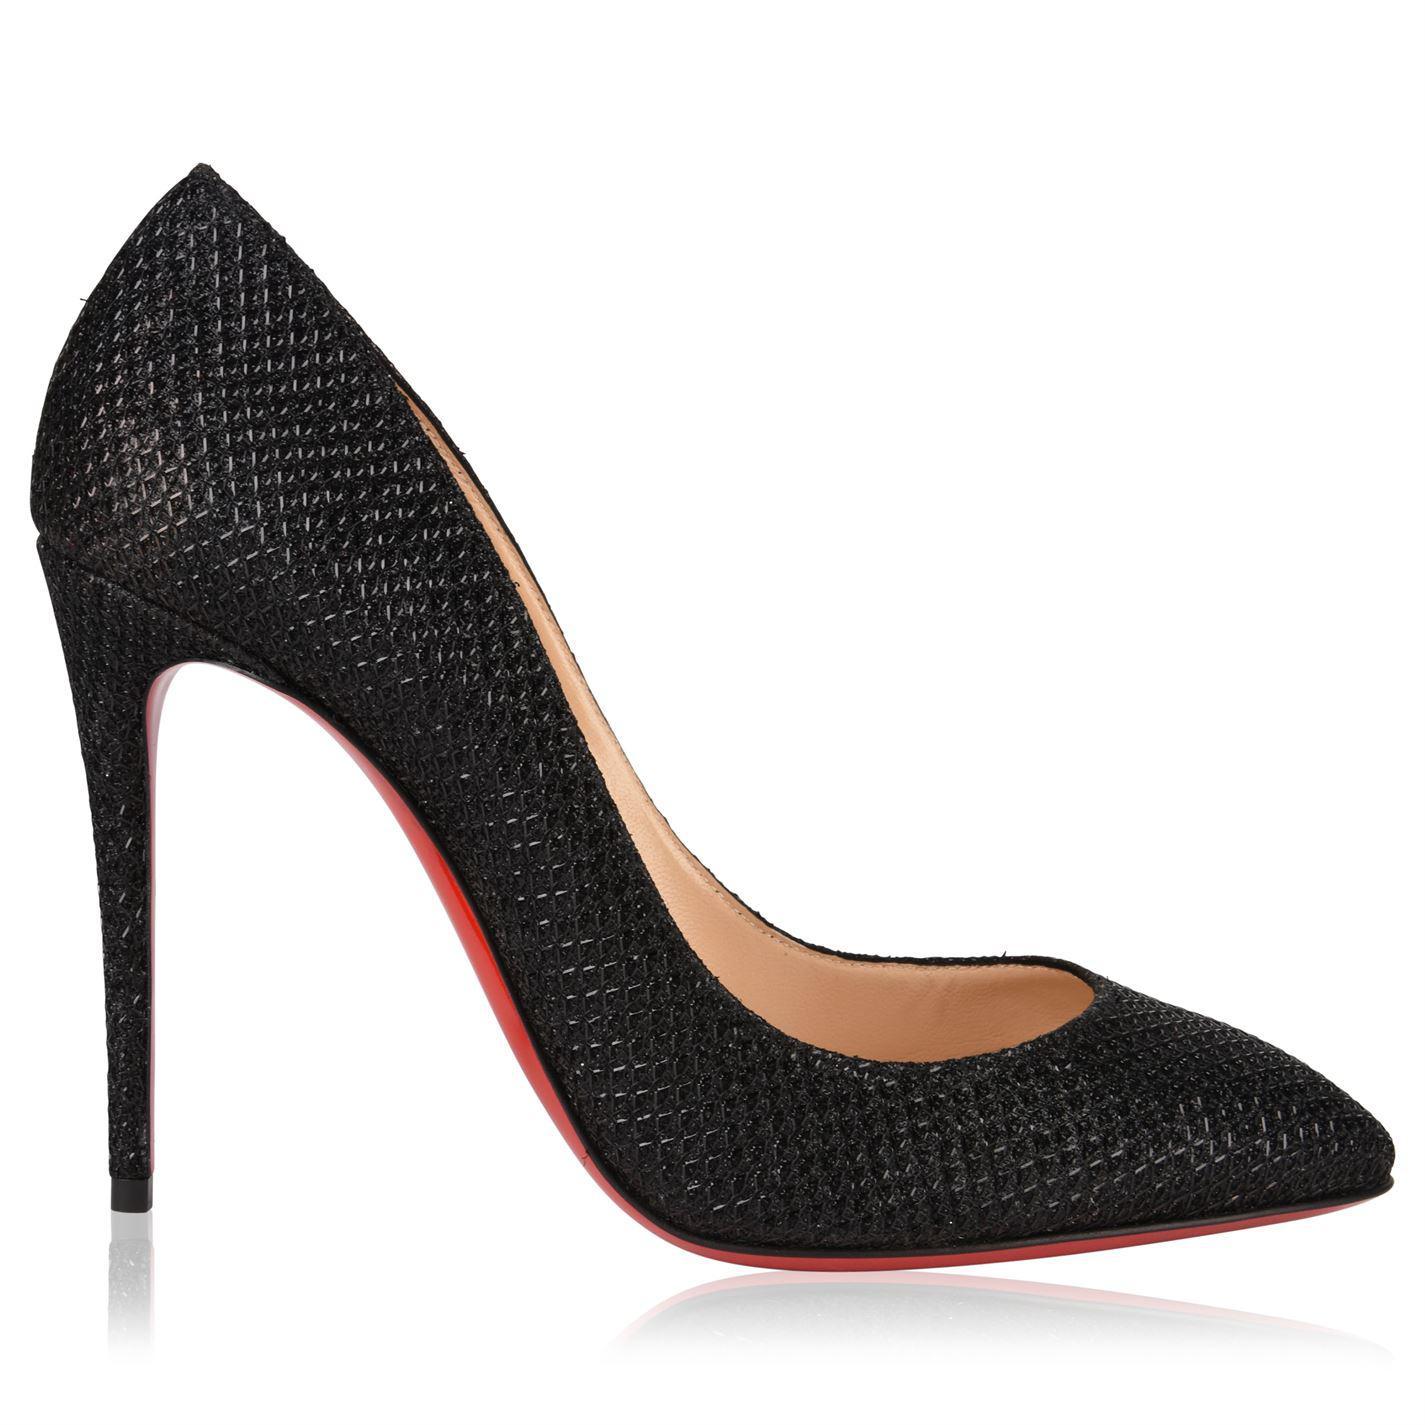 5d6529fdc743 Christian Louboutin Eloise Glitter Heels in Black - Lyst